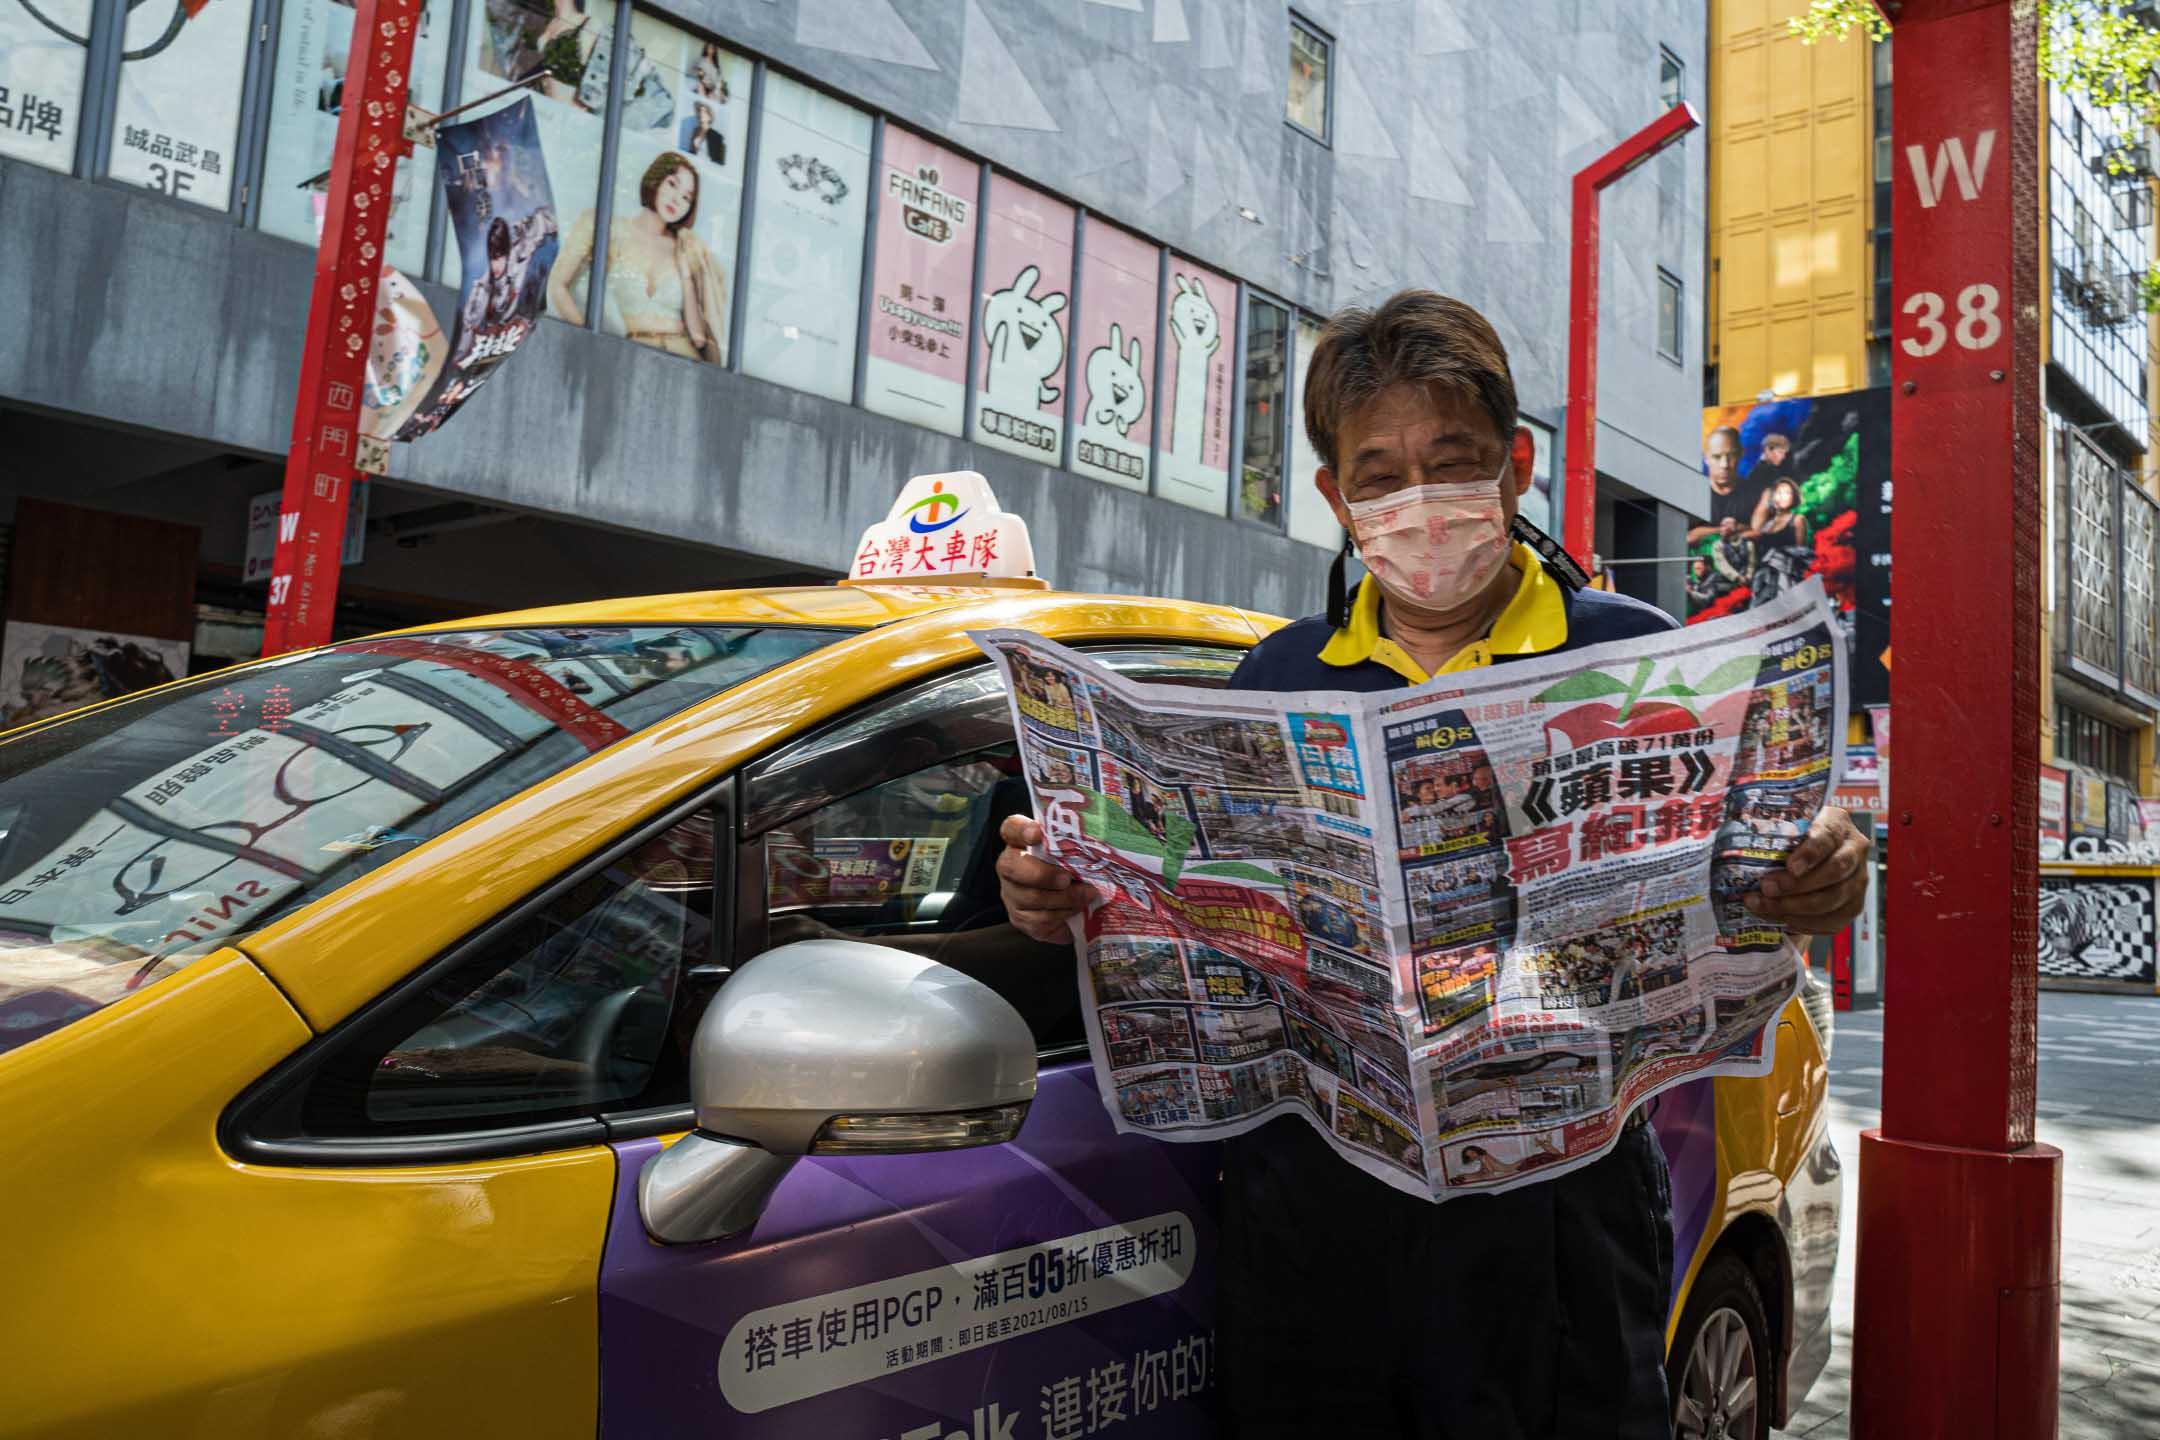 2021年5月17日台北,一名出租車司機在看蘋果日報。 攝:唐佐欣/端傳媒